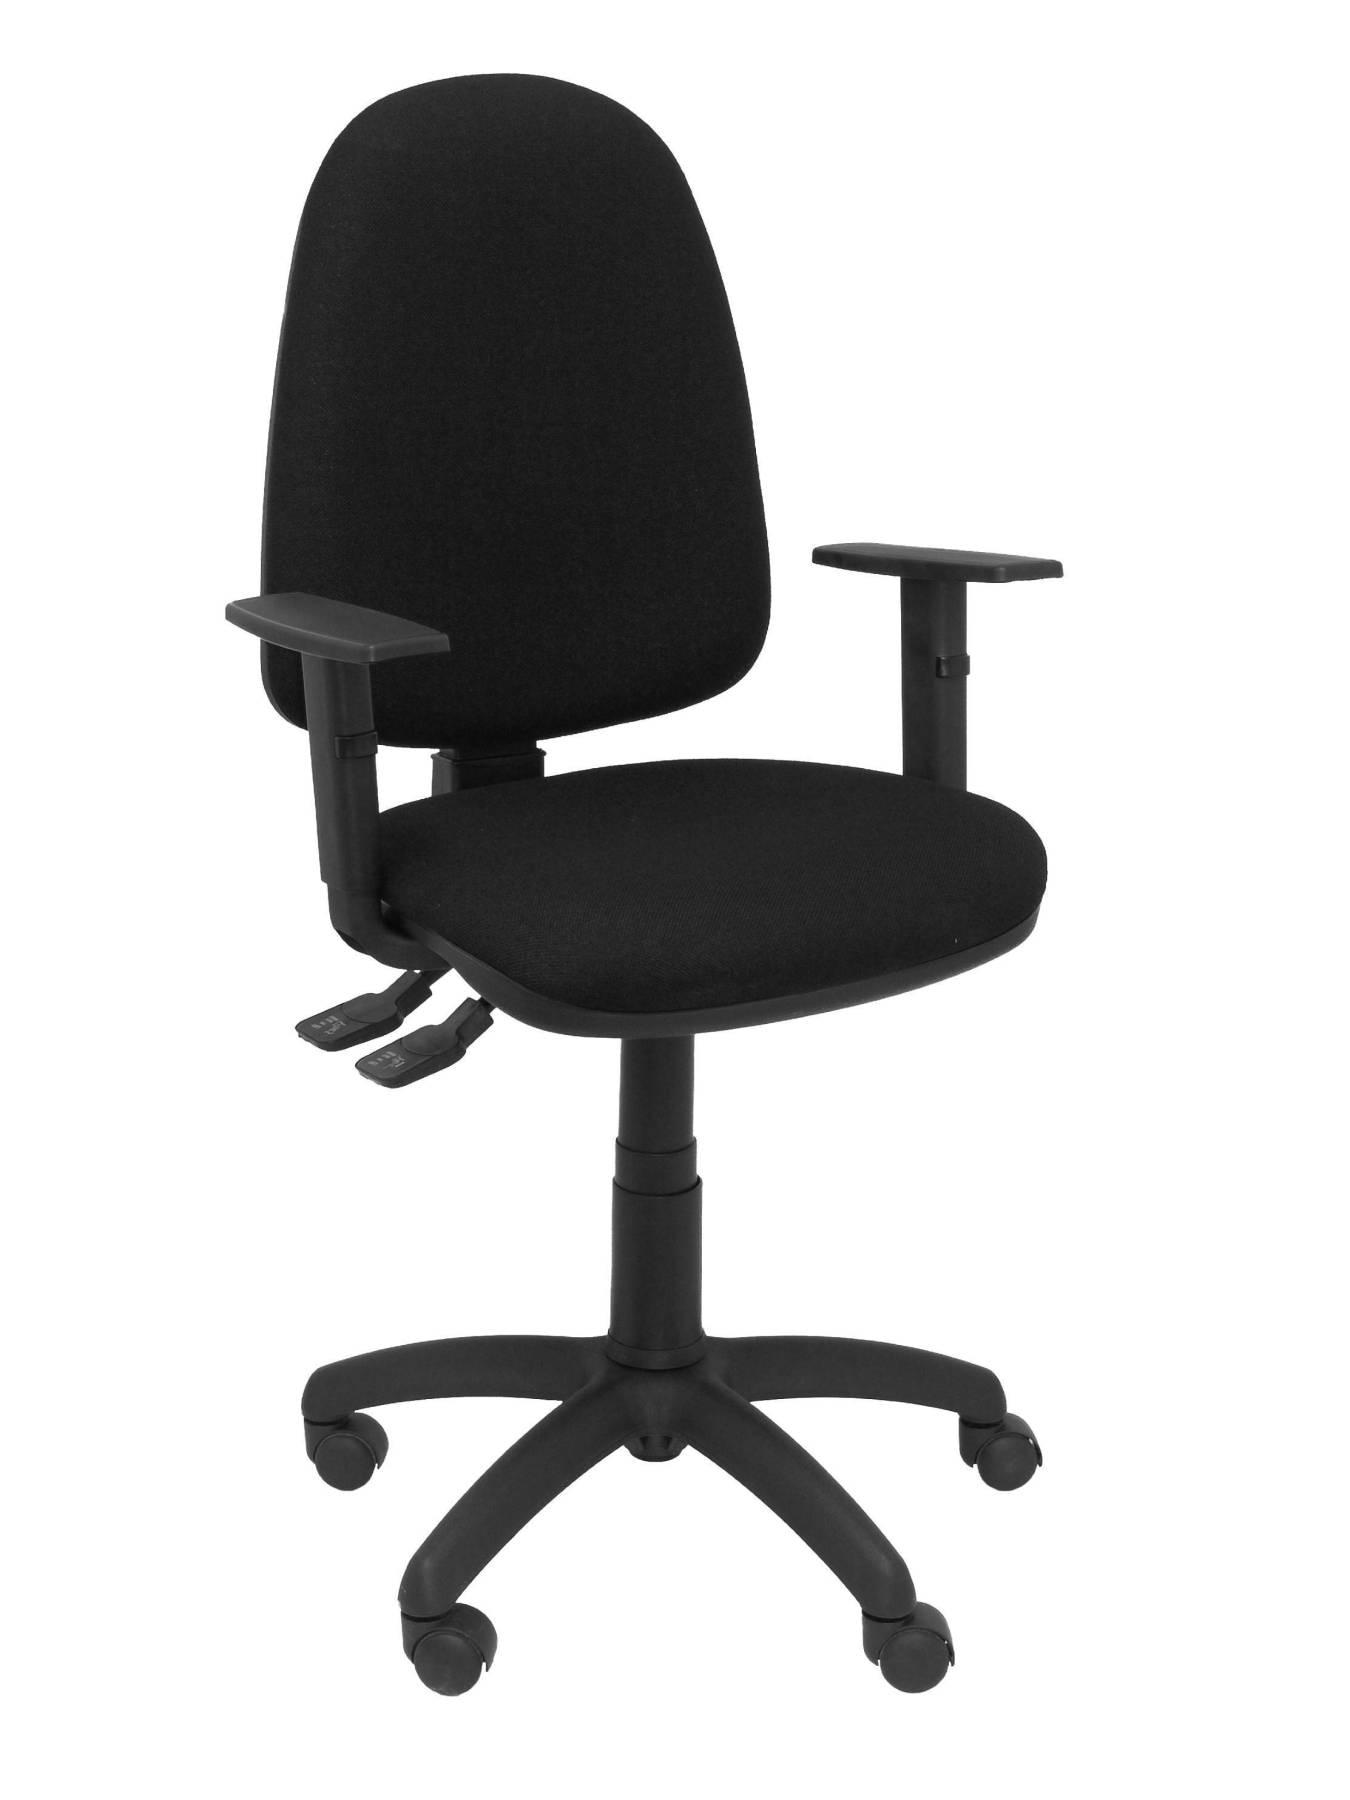 Офисное кресло с механизмом постоянного контакта, двойной ручкой и регулируемой яркостью в сидении на большой высоте и задней остановке